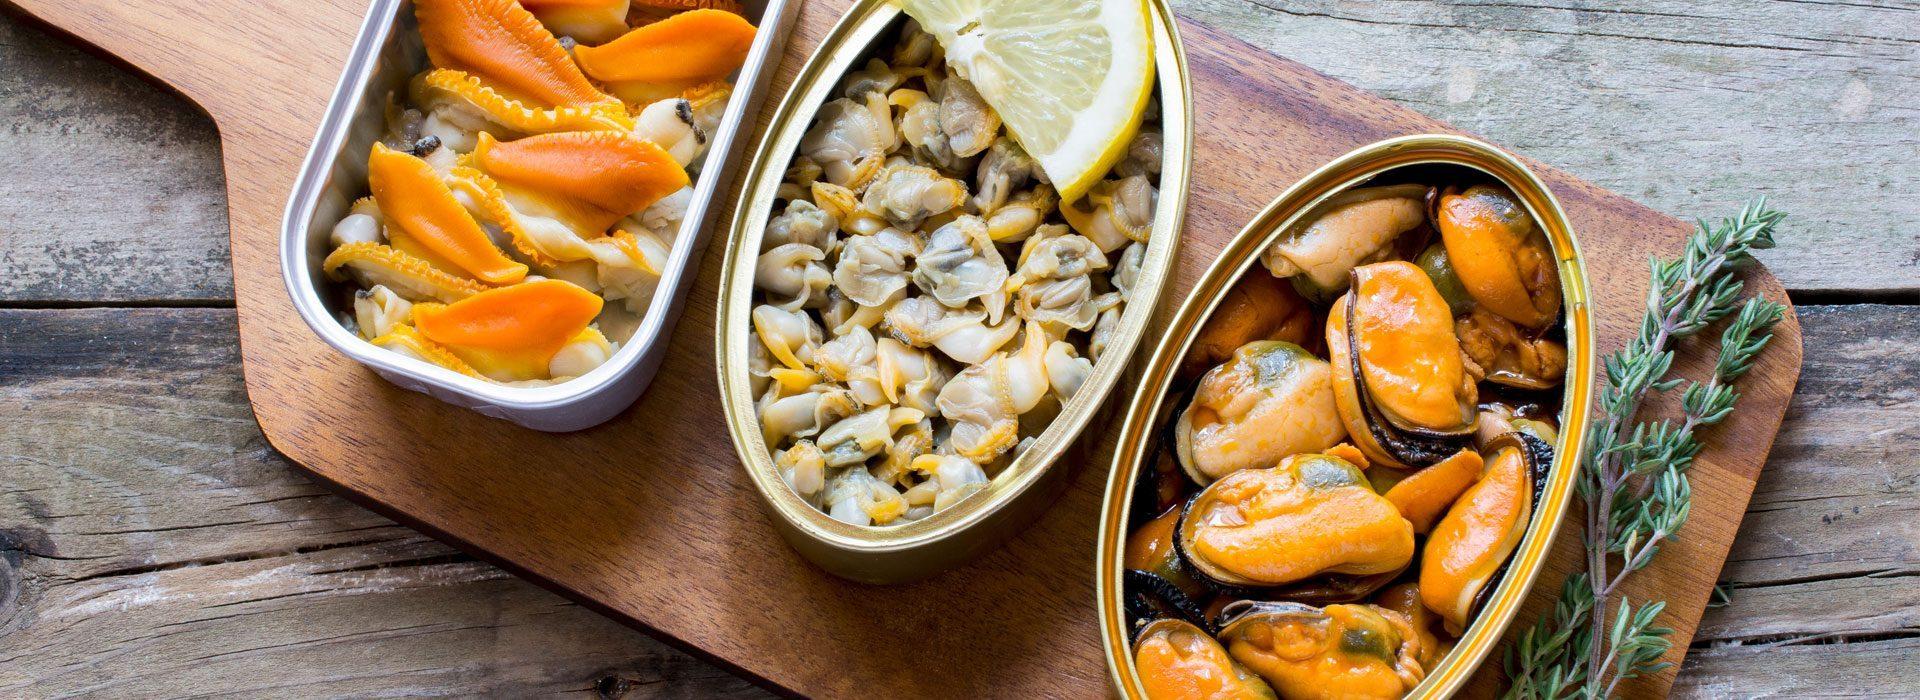 ▷ Comprar Conservas Gourmet Online | Mejor Precio 【 El Mercado © 】